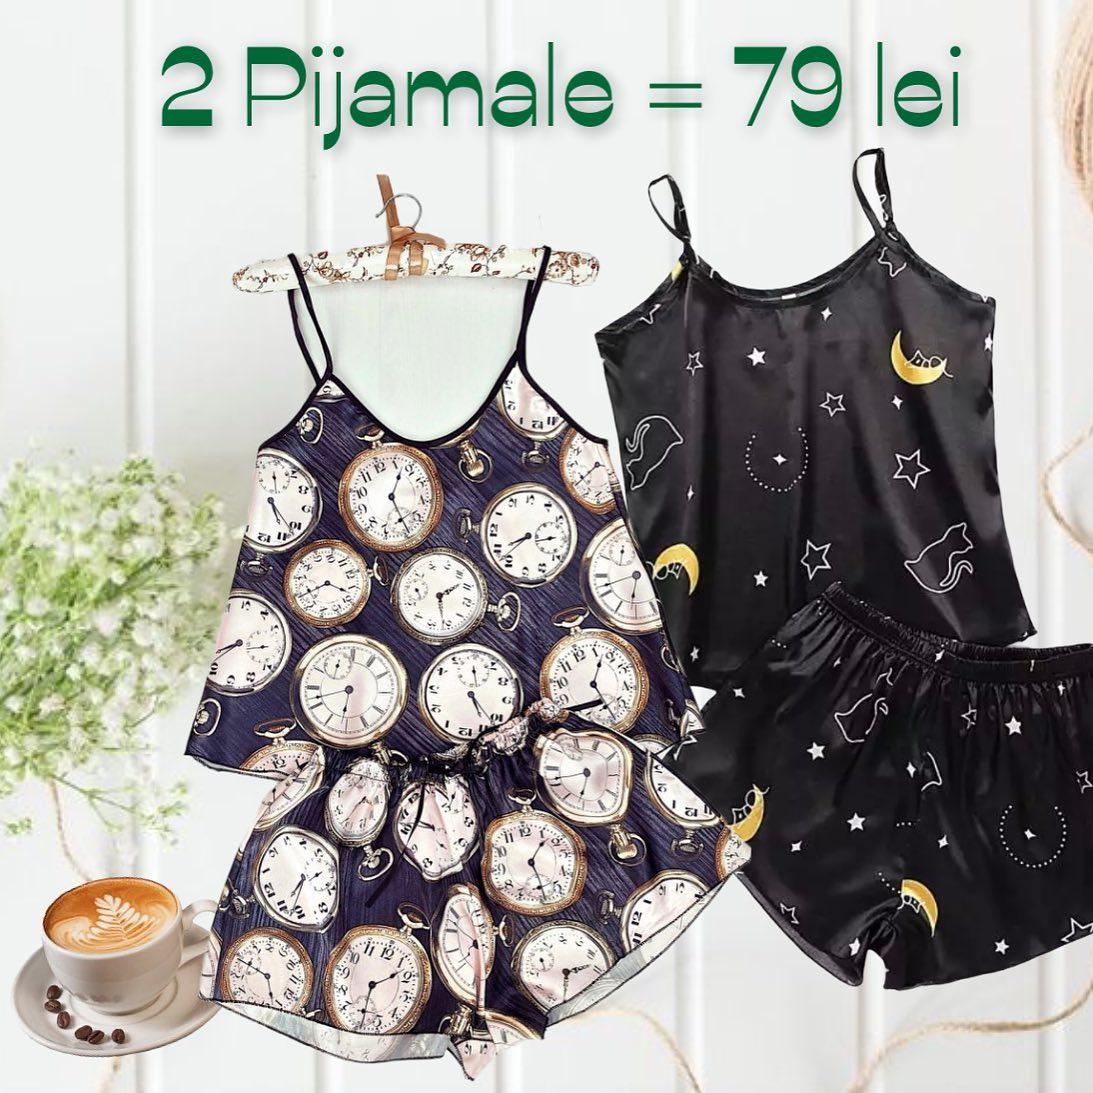 🤗 Noua ne plac foarte mult pijamalele din satin, care iti confera o comoditate sporita, mai ales ca avem atatea modele cu super culori 🎈❤️ @maroko.ro Shop online the best #pajamas